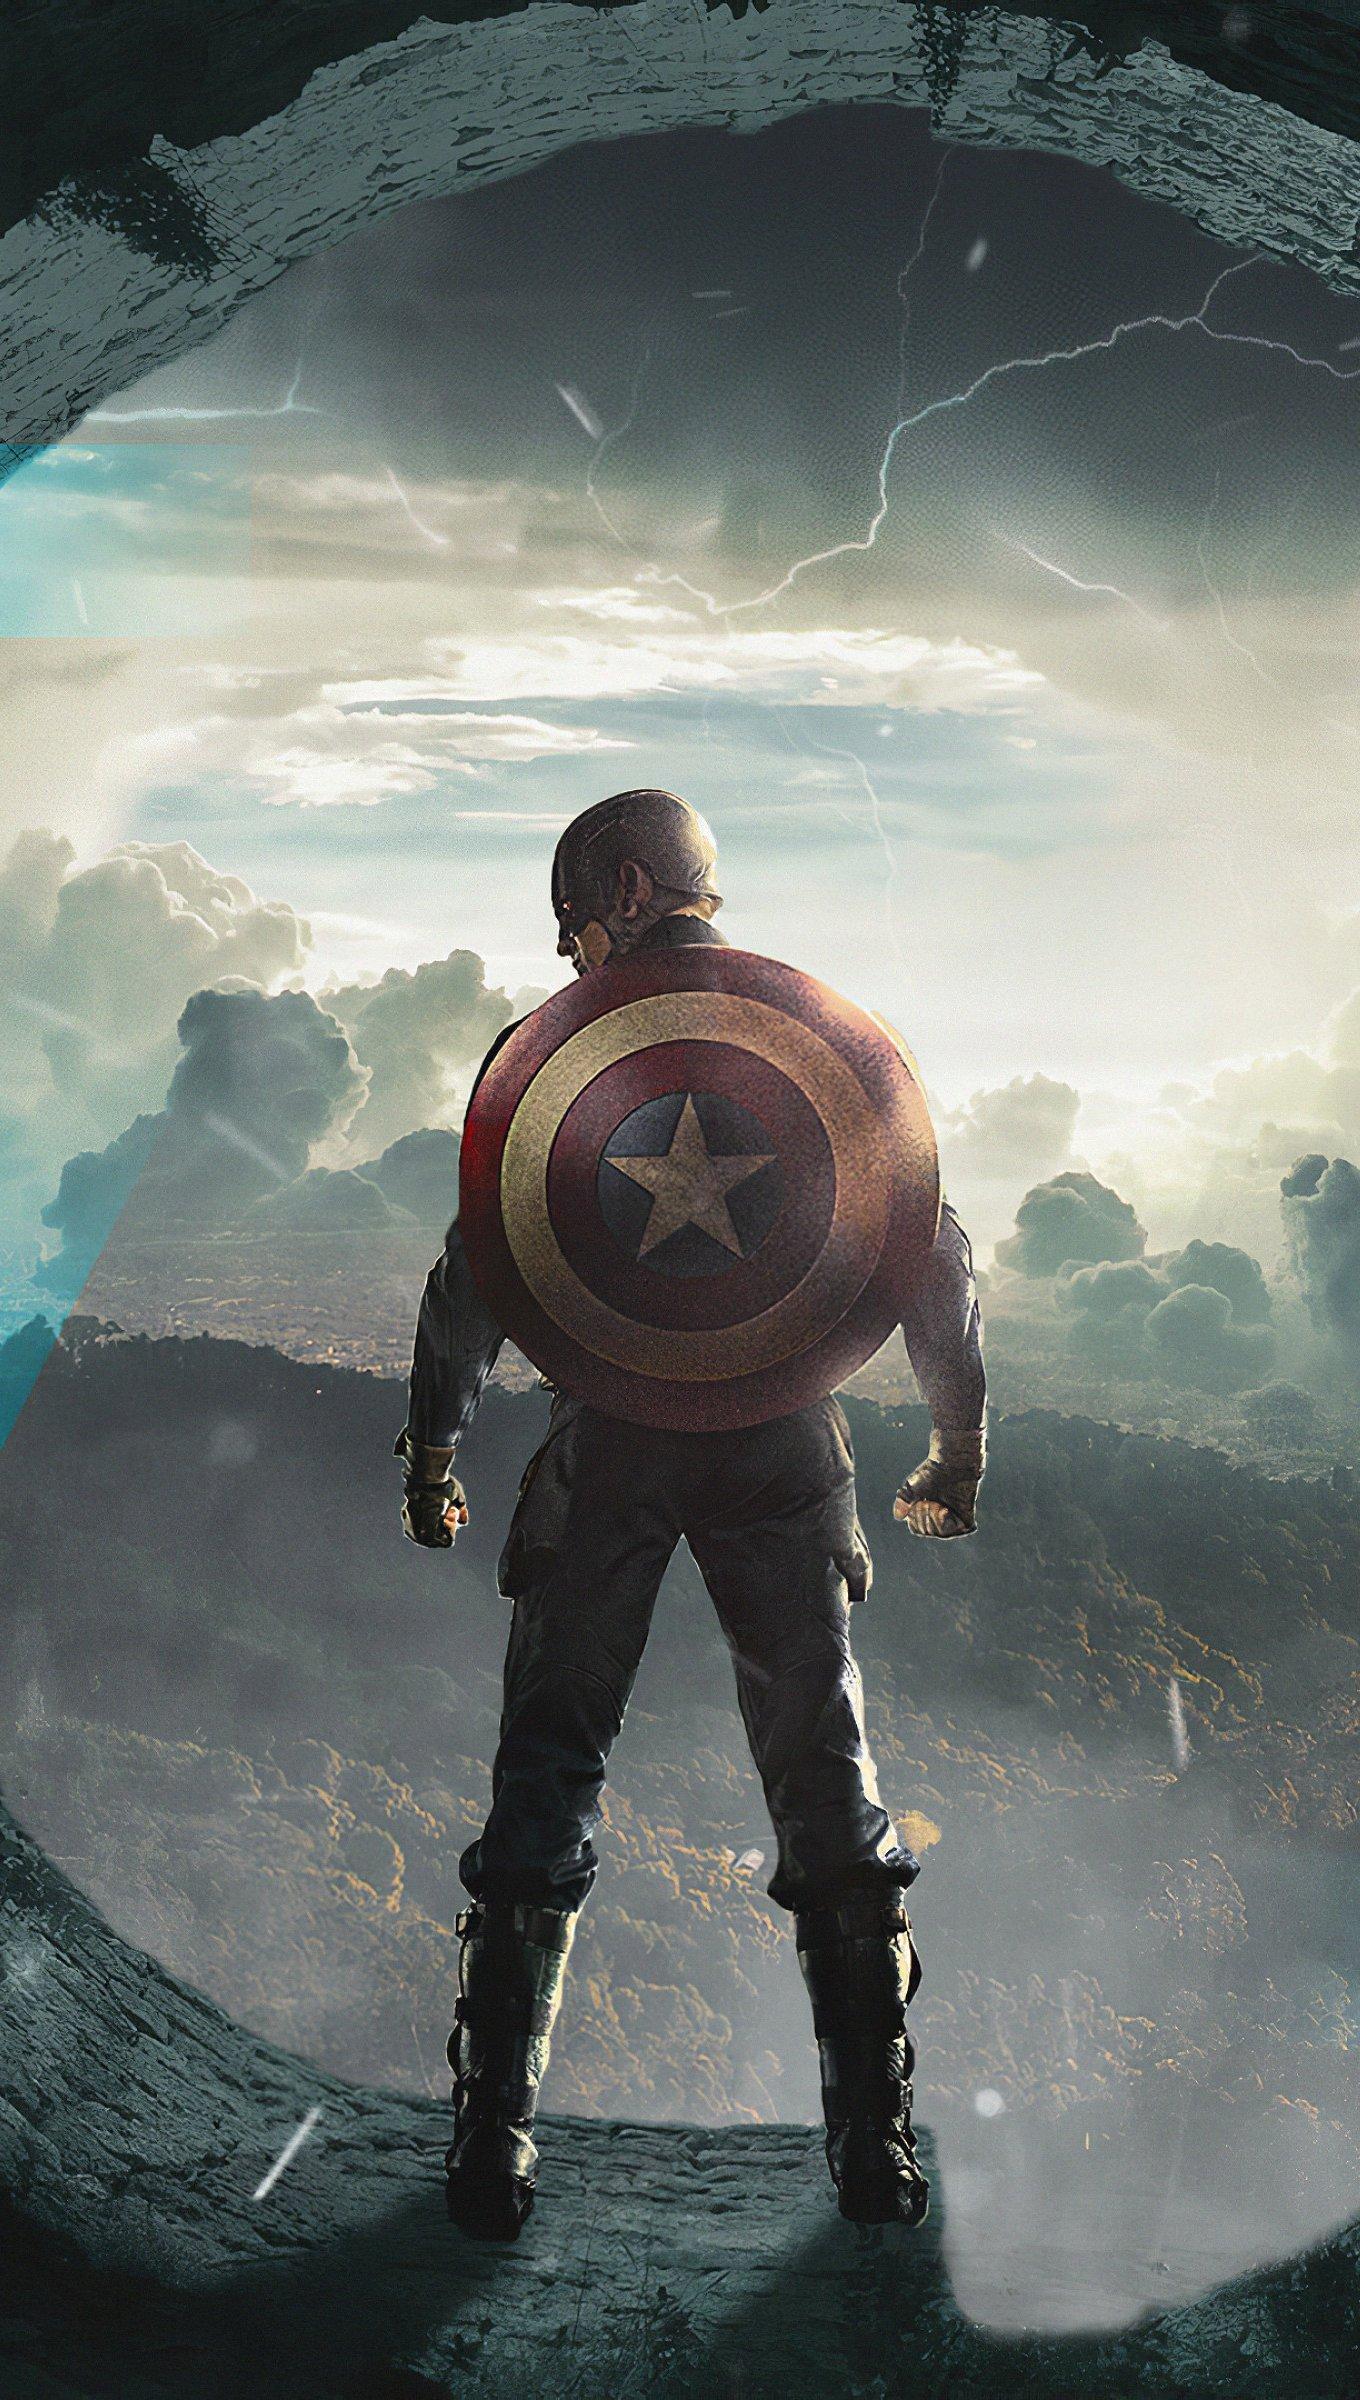 Fondos de pantalla Capitan America de espaldas Vertical